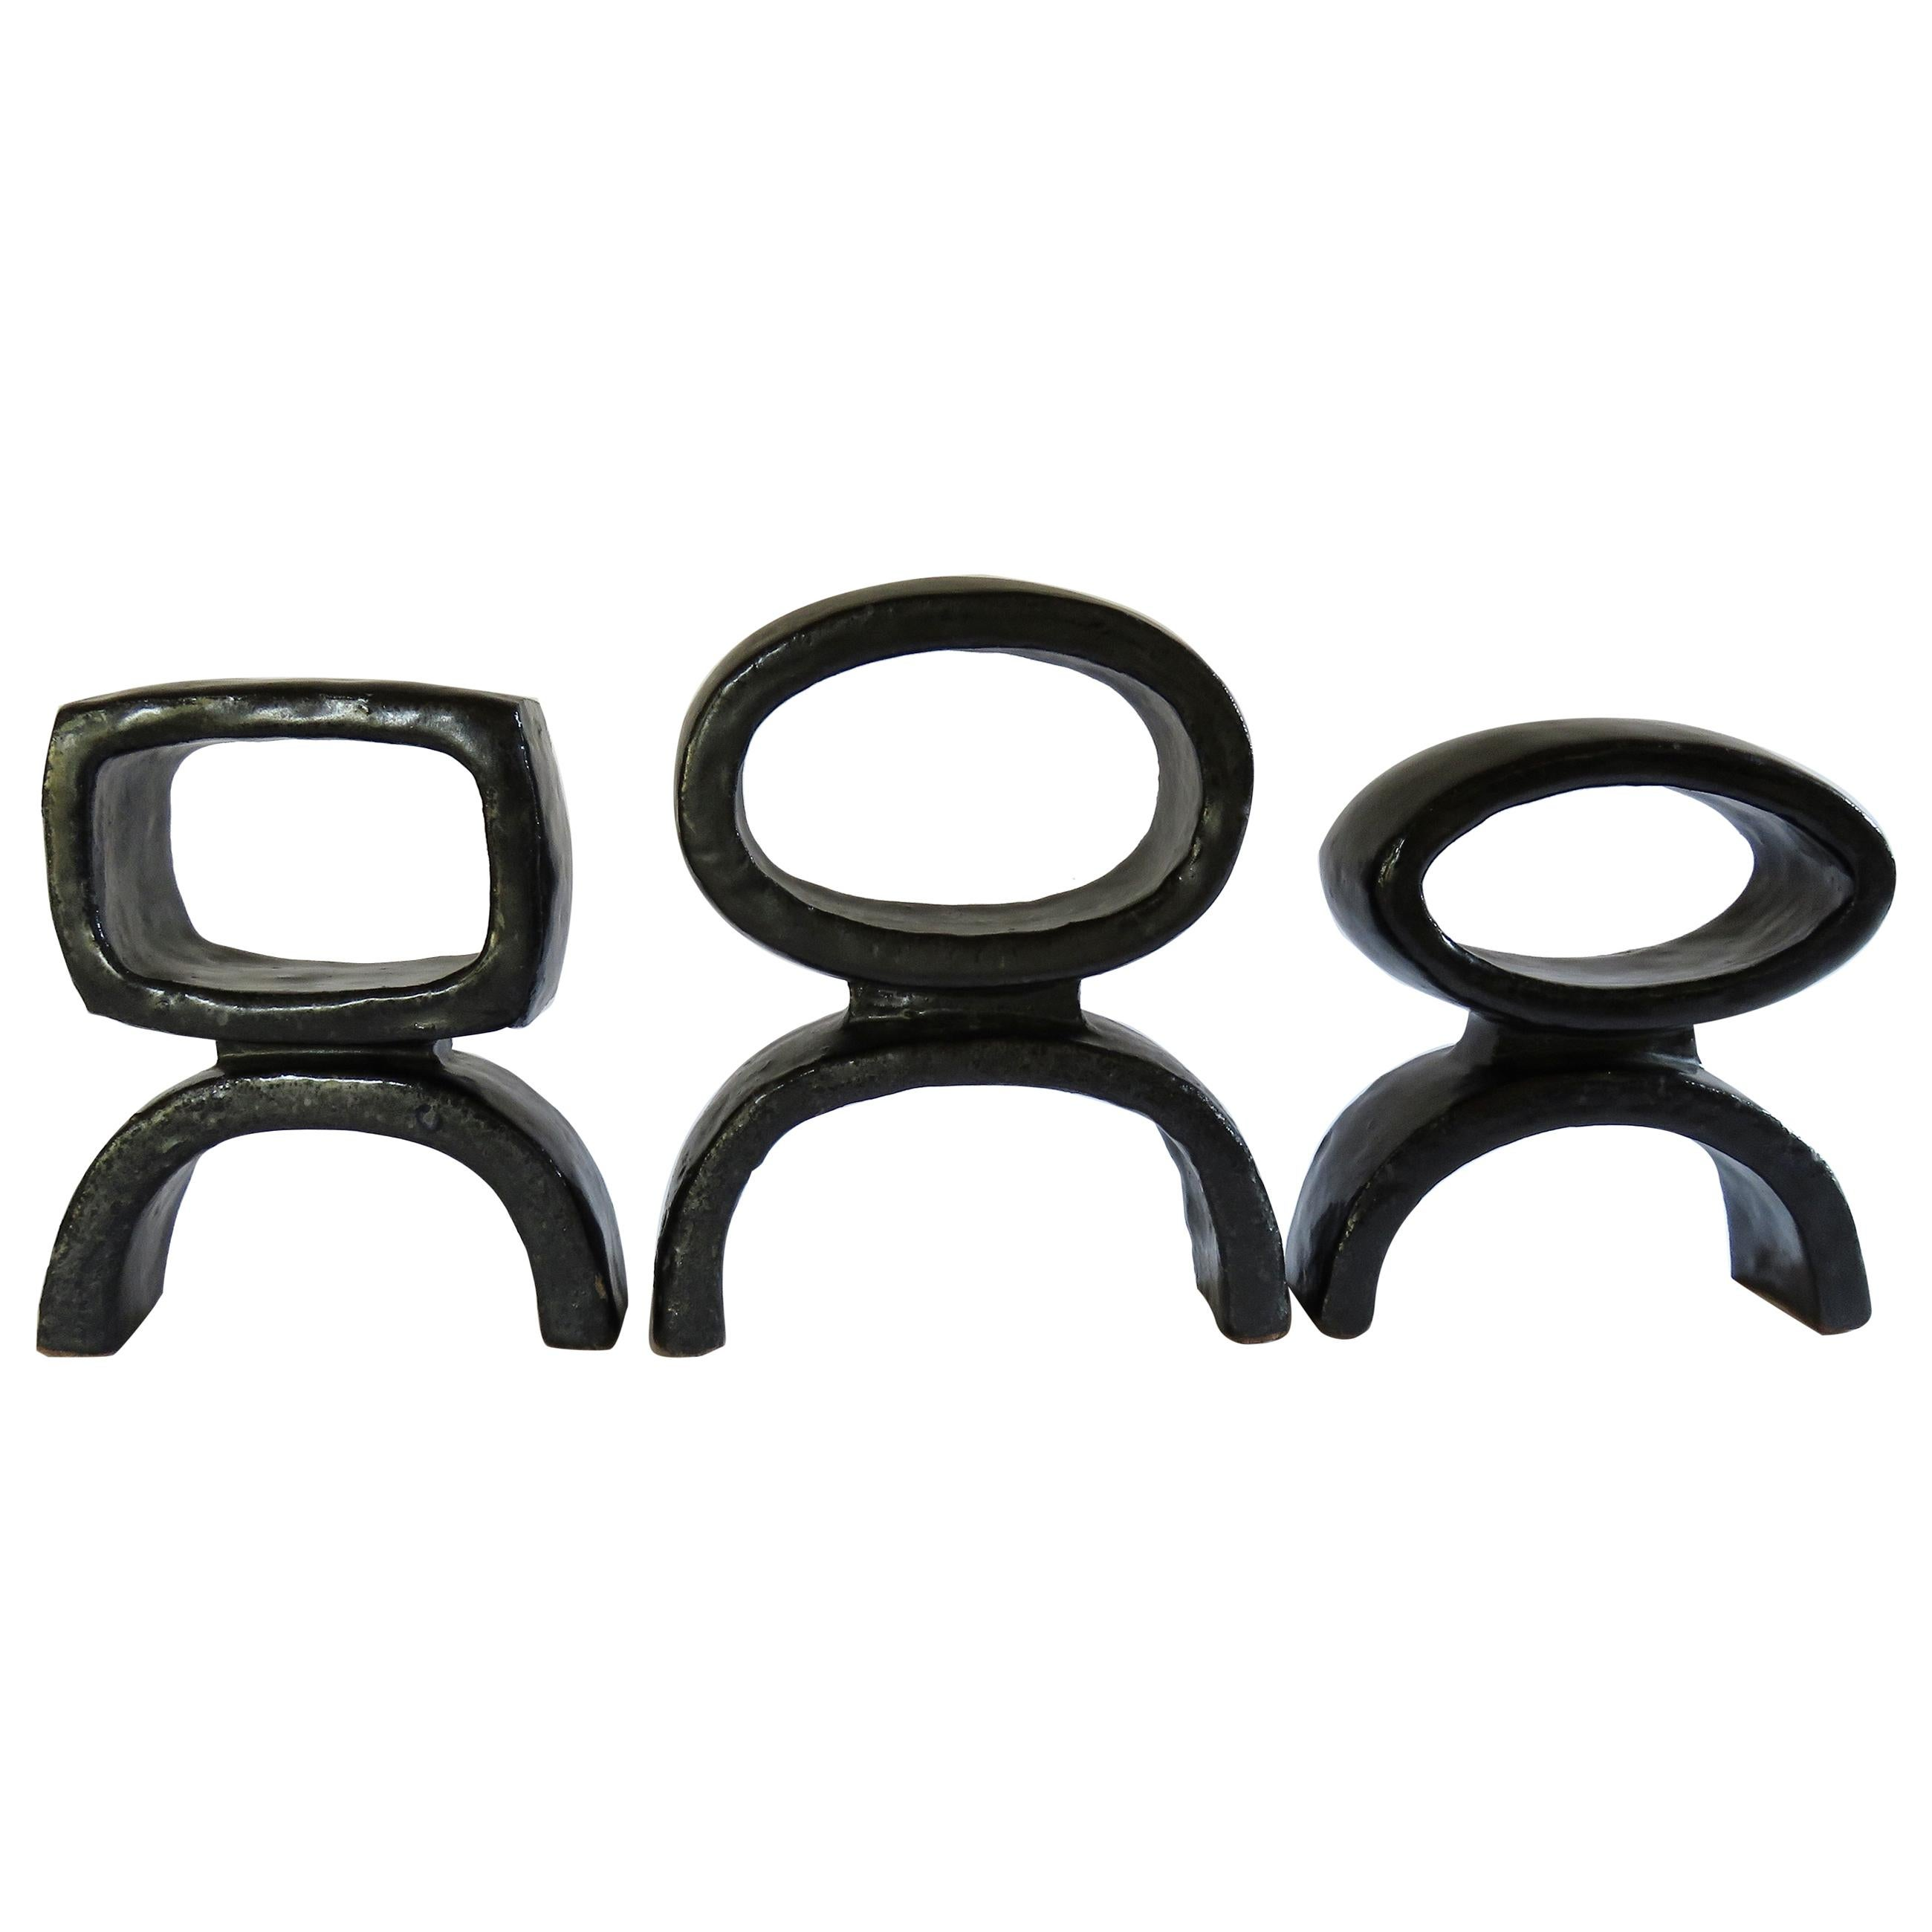 Black Ceramic TOTEM Trio, 3 Hand Built Sculptures, Rings on Arc'd Legs